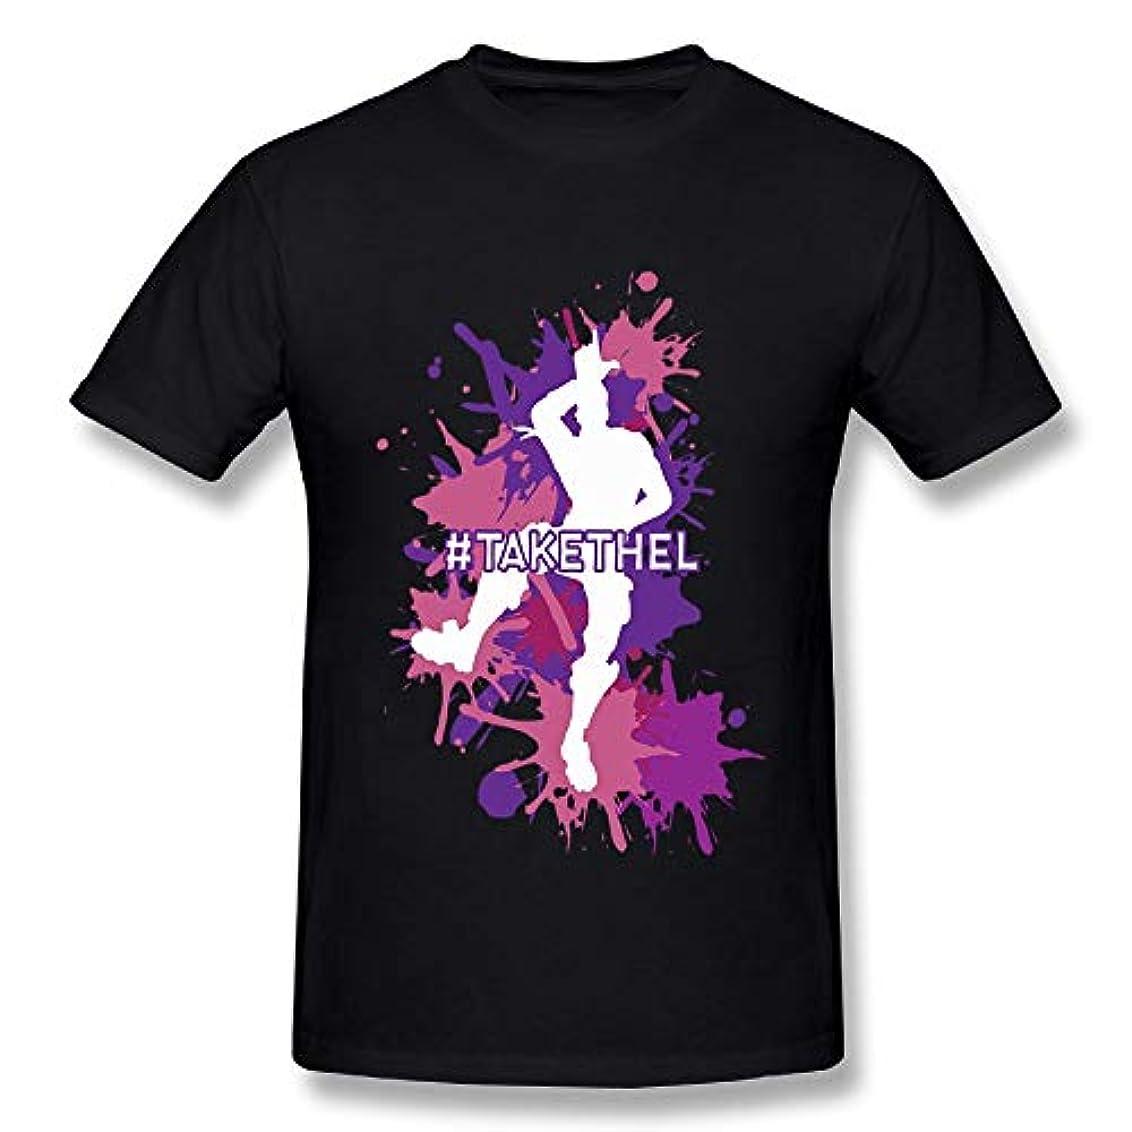 故障ジョージバーナードクリップ蝶メンズ Tシャツ半袖シャツ3D印刷 フォートナイト Fortnite 大人のTシャツ